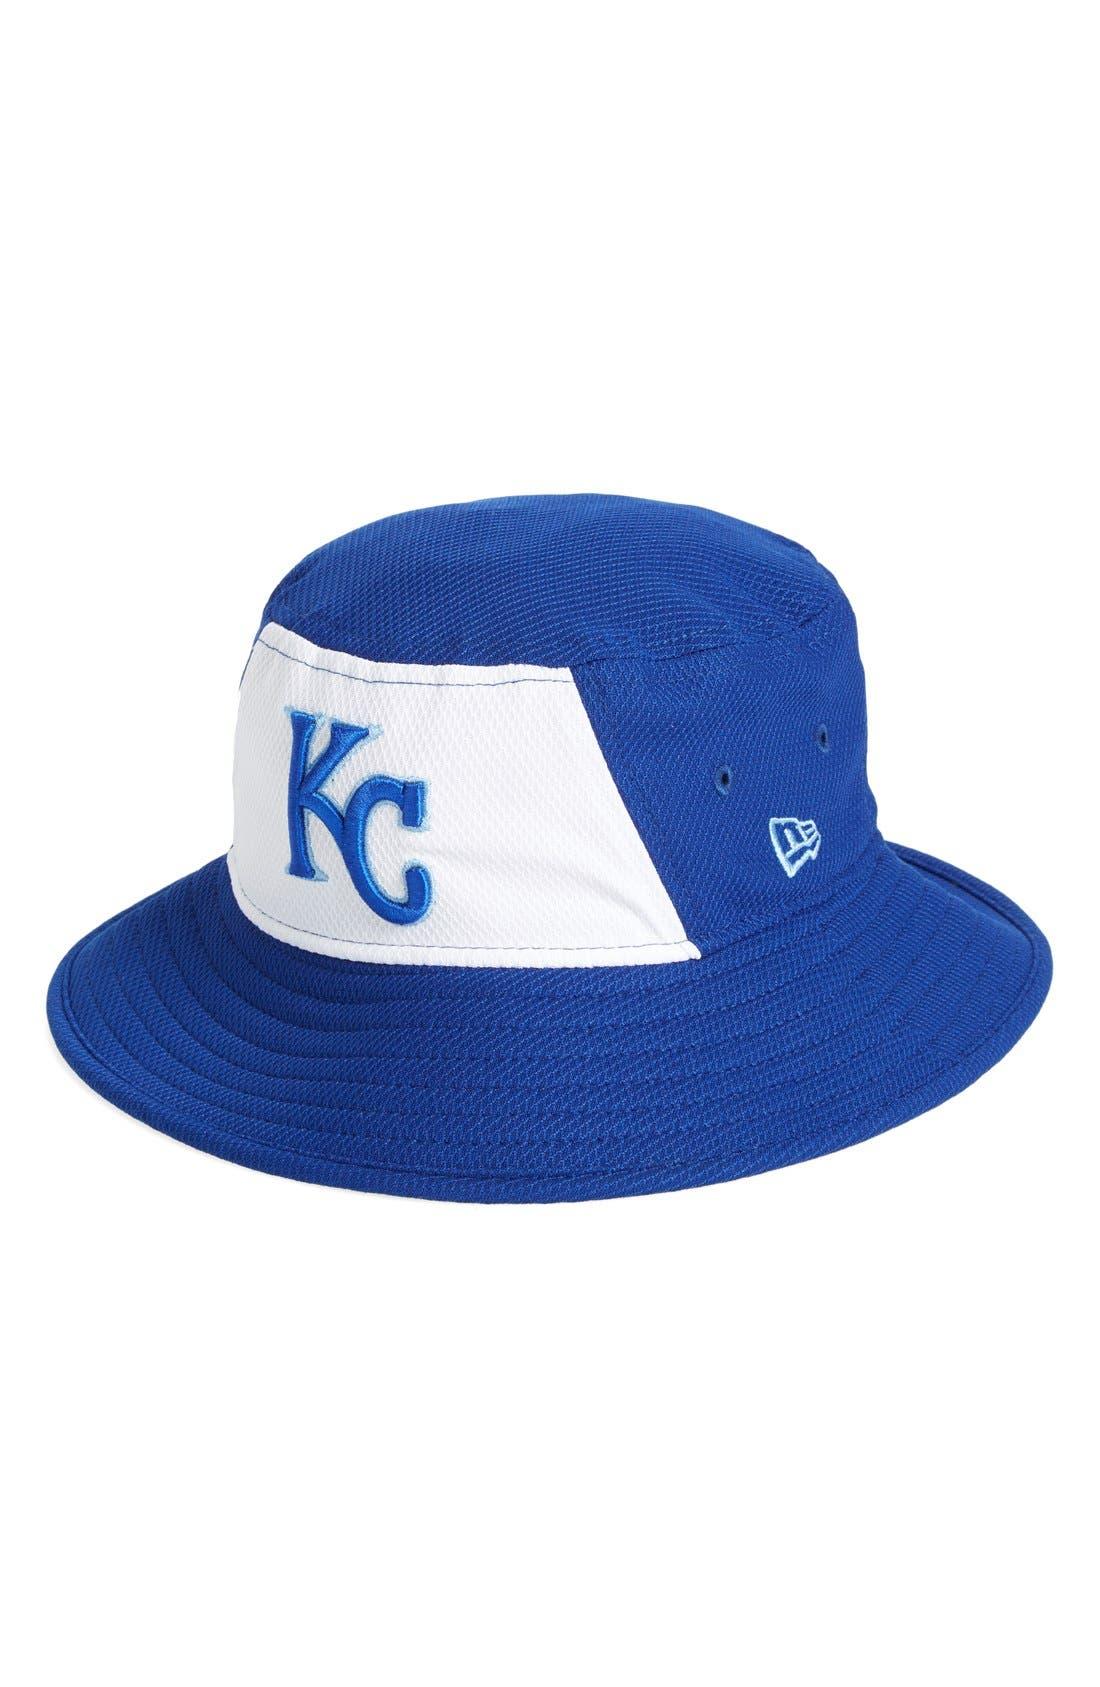 wholesale dealer 472e3 67113 ... new era cap kansas city royals bucket hat main color